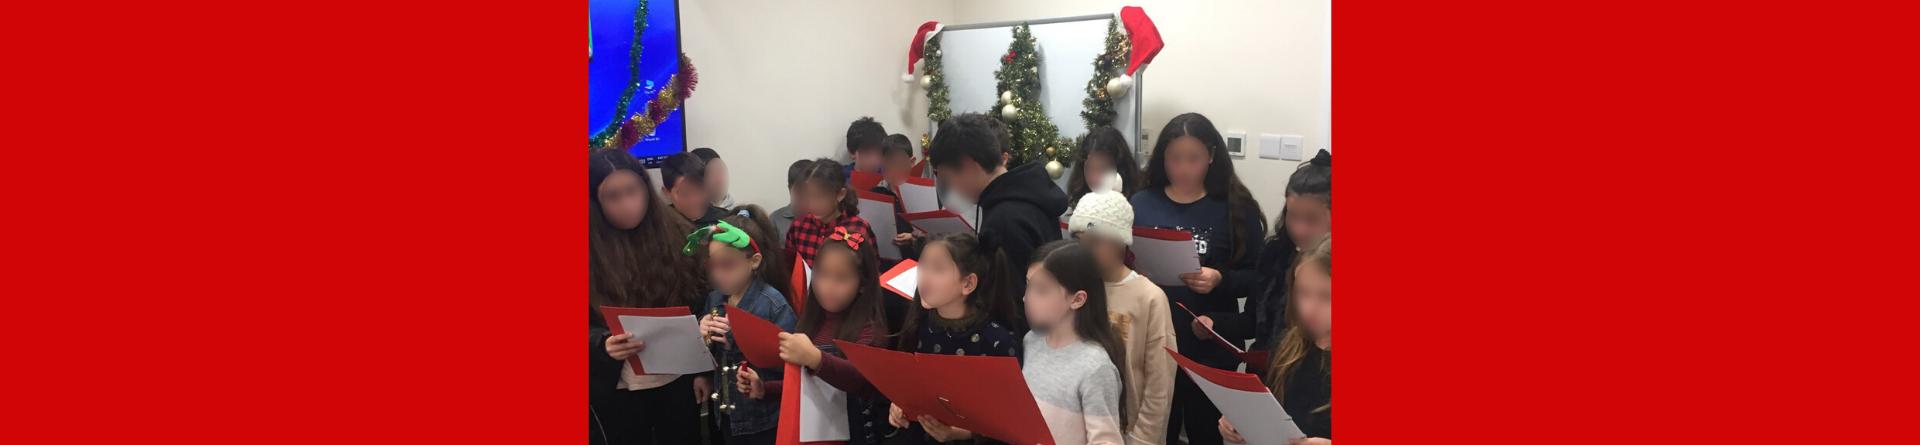 Χριστουγεννιάτικη γιορτή των μαθητών του ΚΕS School of Languages